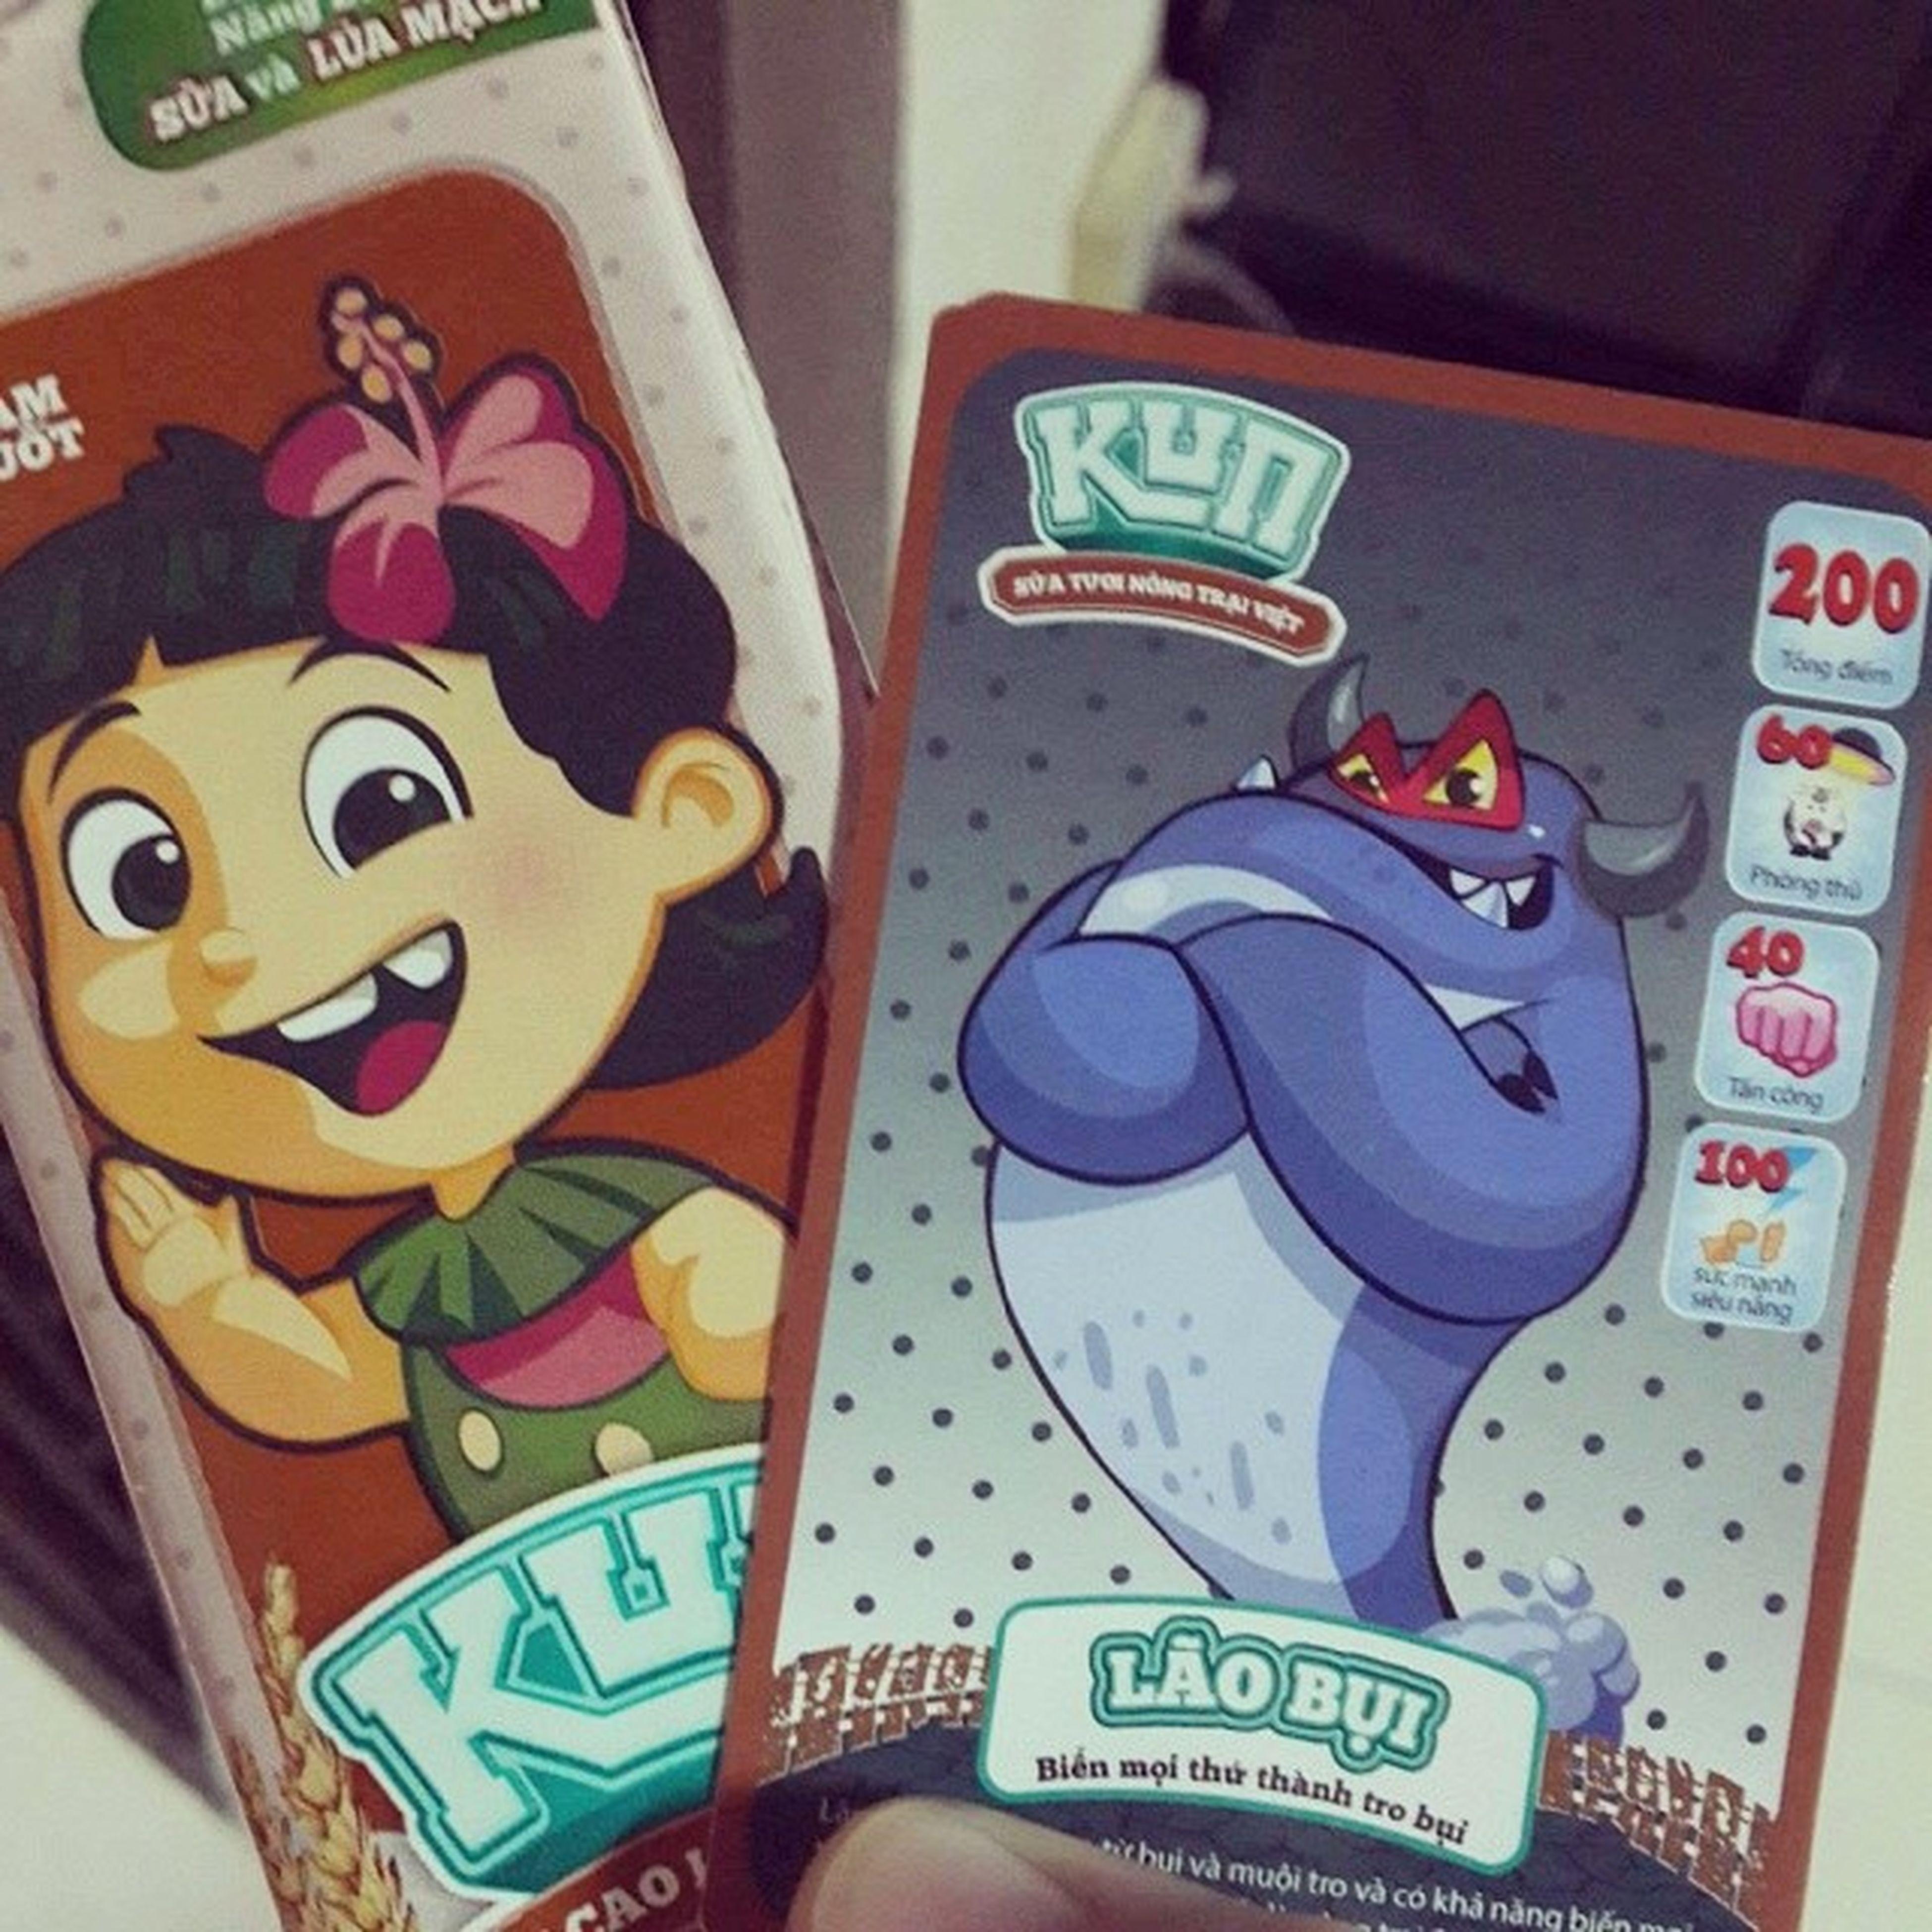 Thấy hộp dth mua về uống thử :))) Kun Cacao Loveinfarm